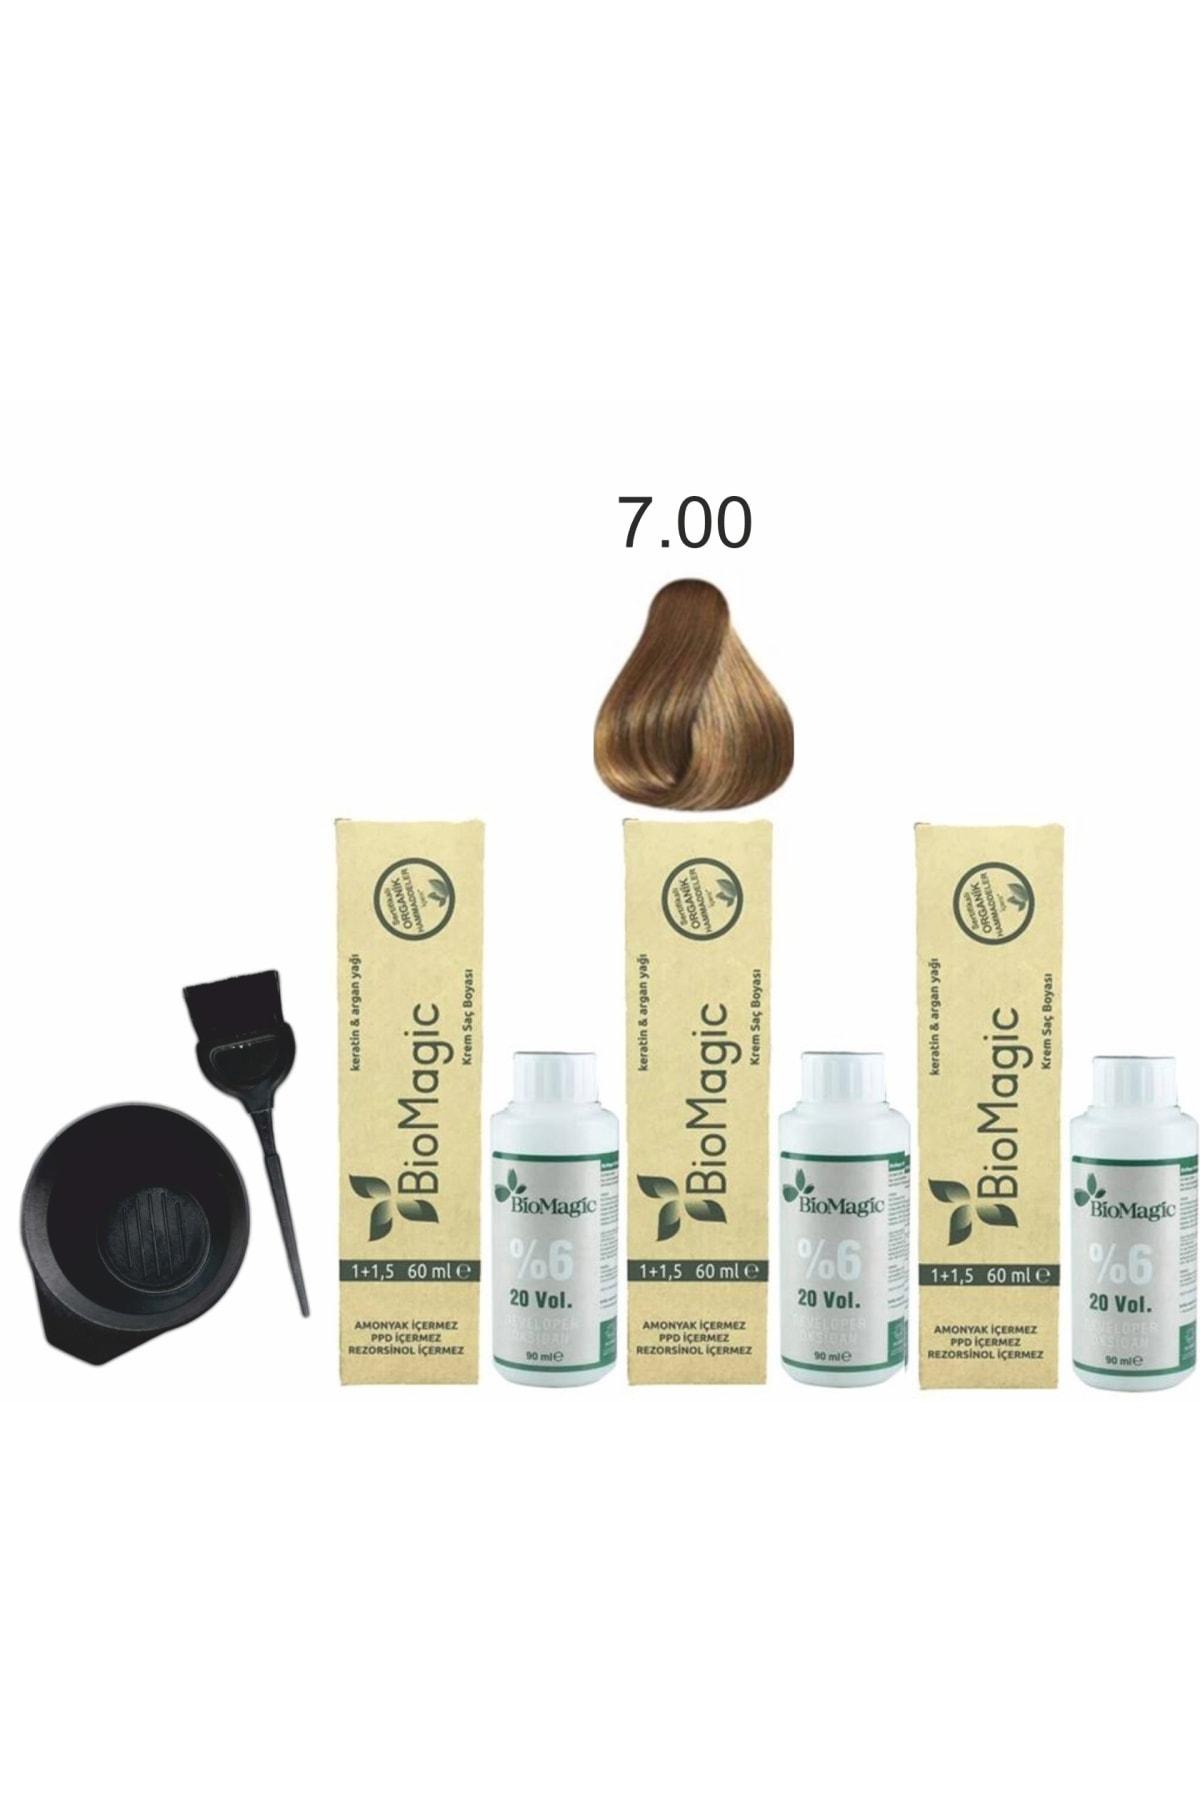 BIOMAGIC Organik Keratin+argan'lı Saç Boyası 7.00 Kumral 60ml X3 Adet+oksidan 90ml+boyama Seti 1